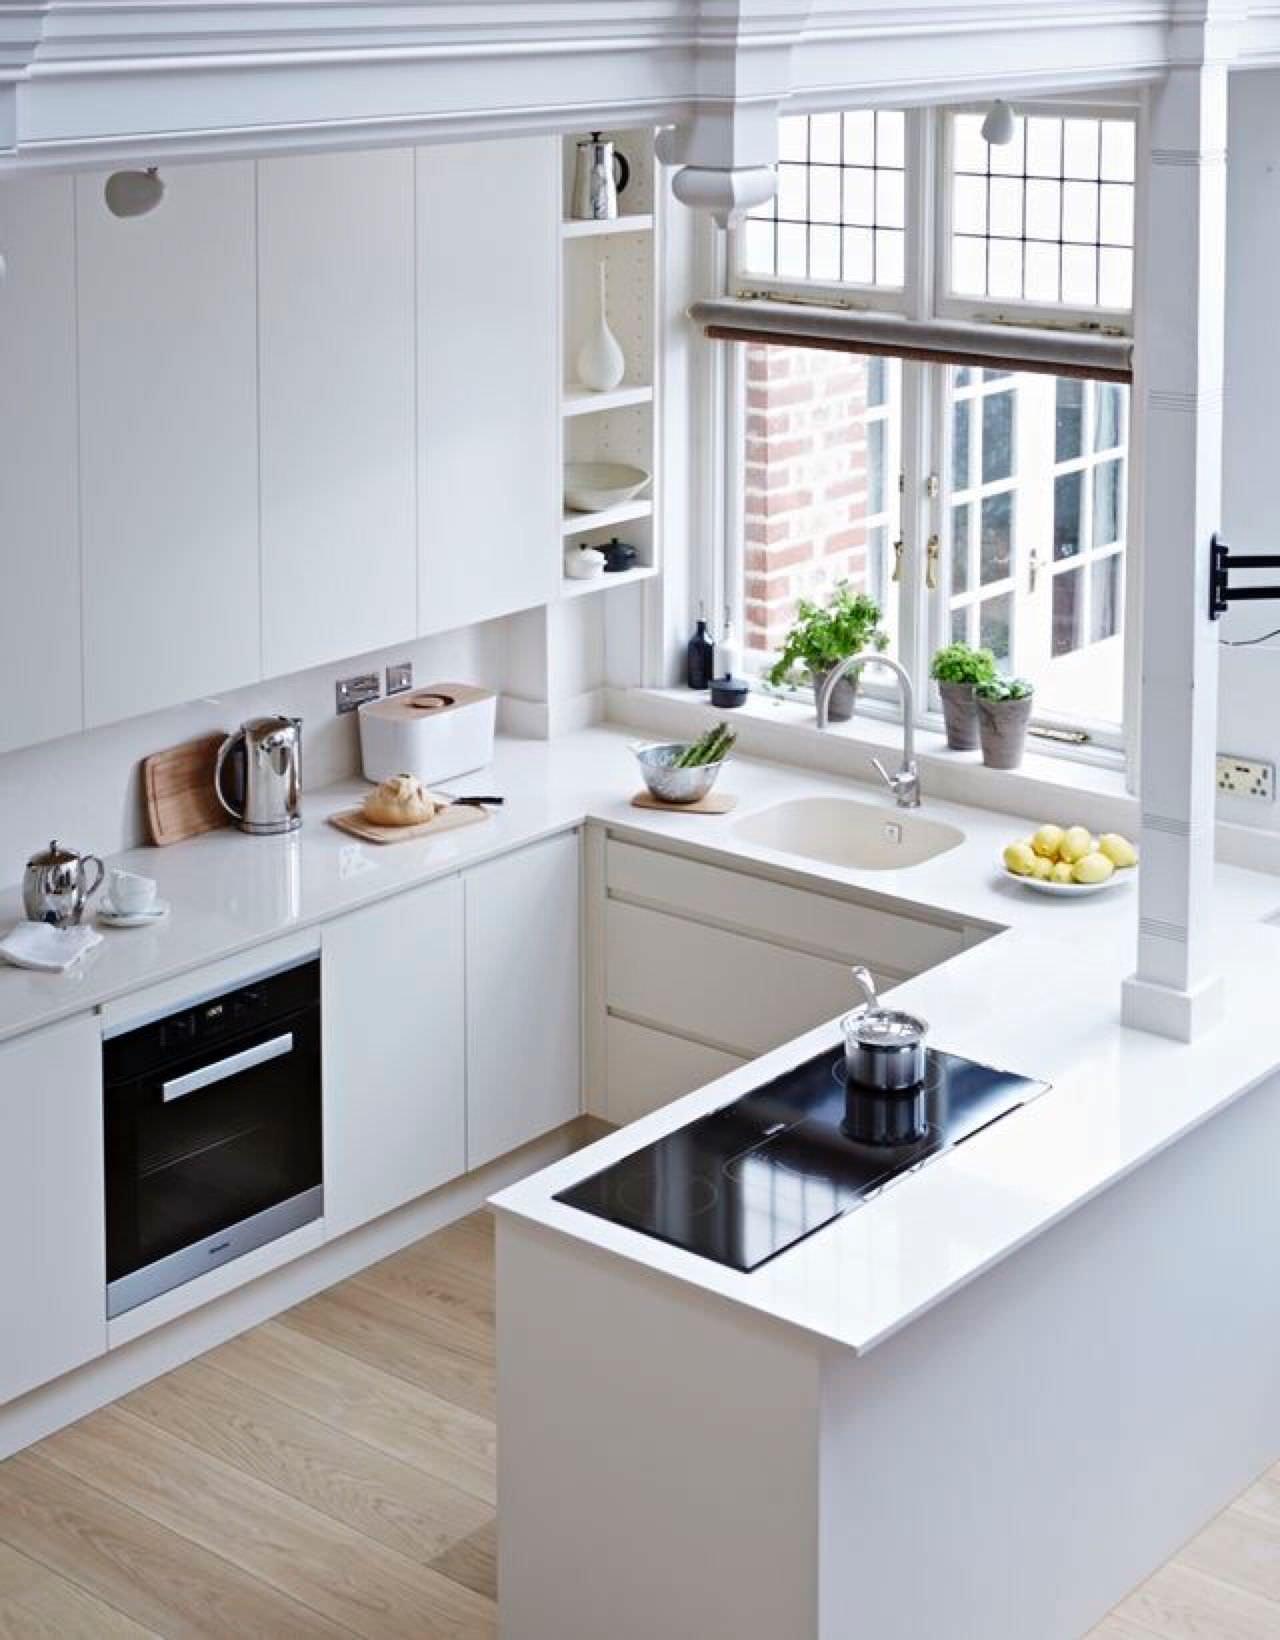 Cucina Piccola Moderna.100 Idee Cucine Moderne Da Sogno Con Isola Ad U Open